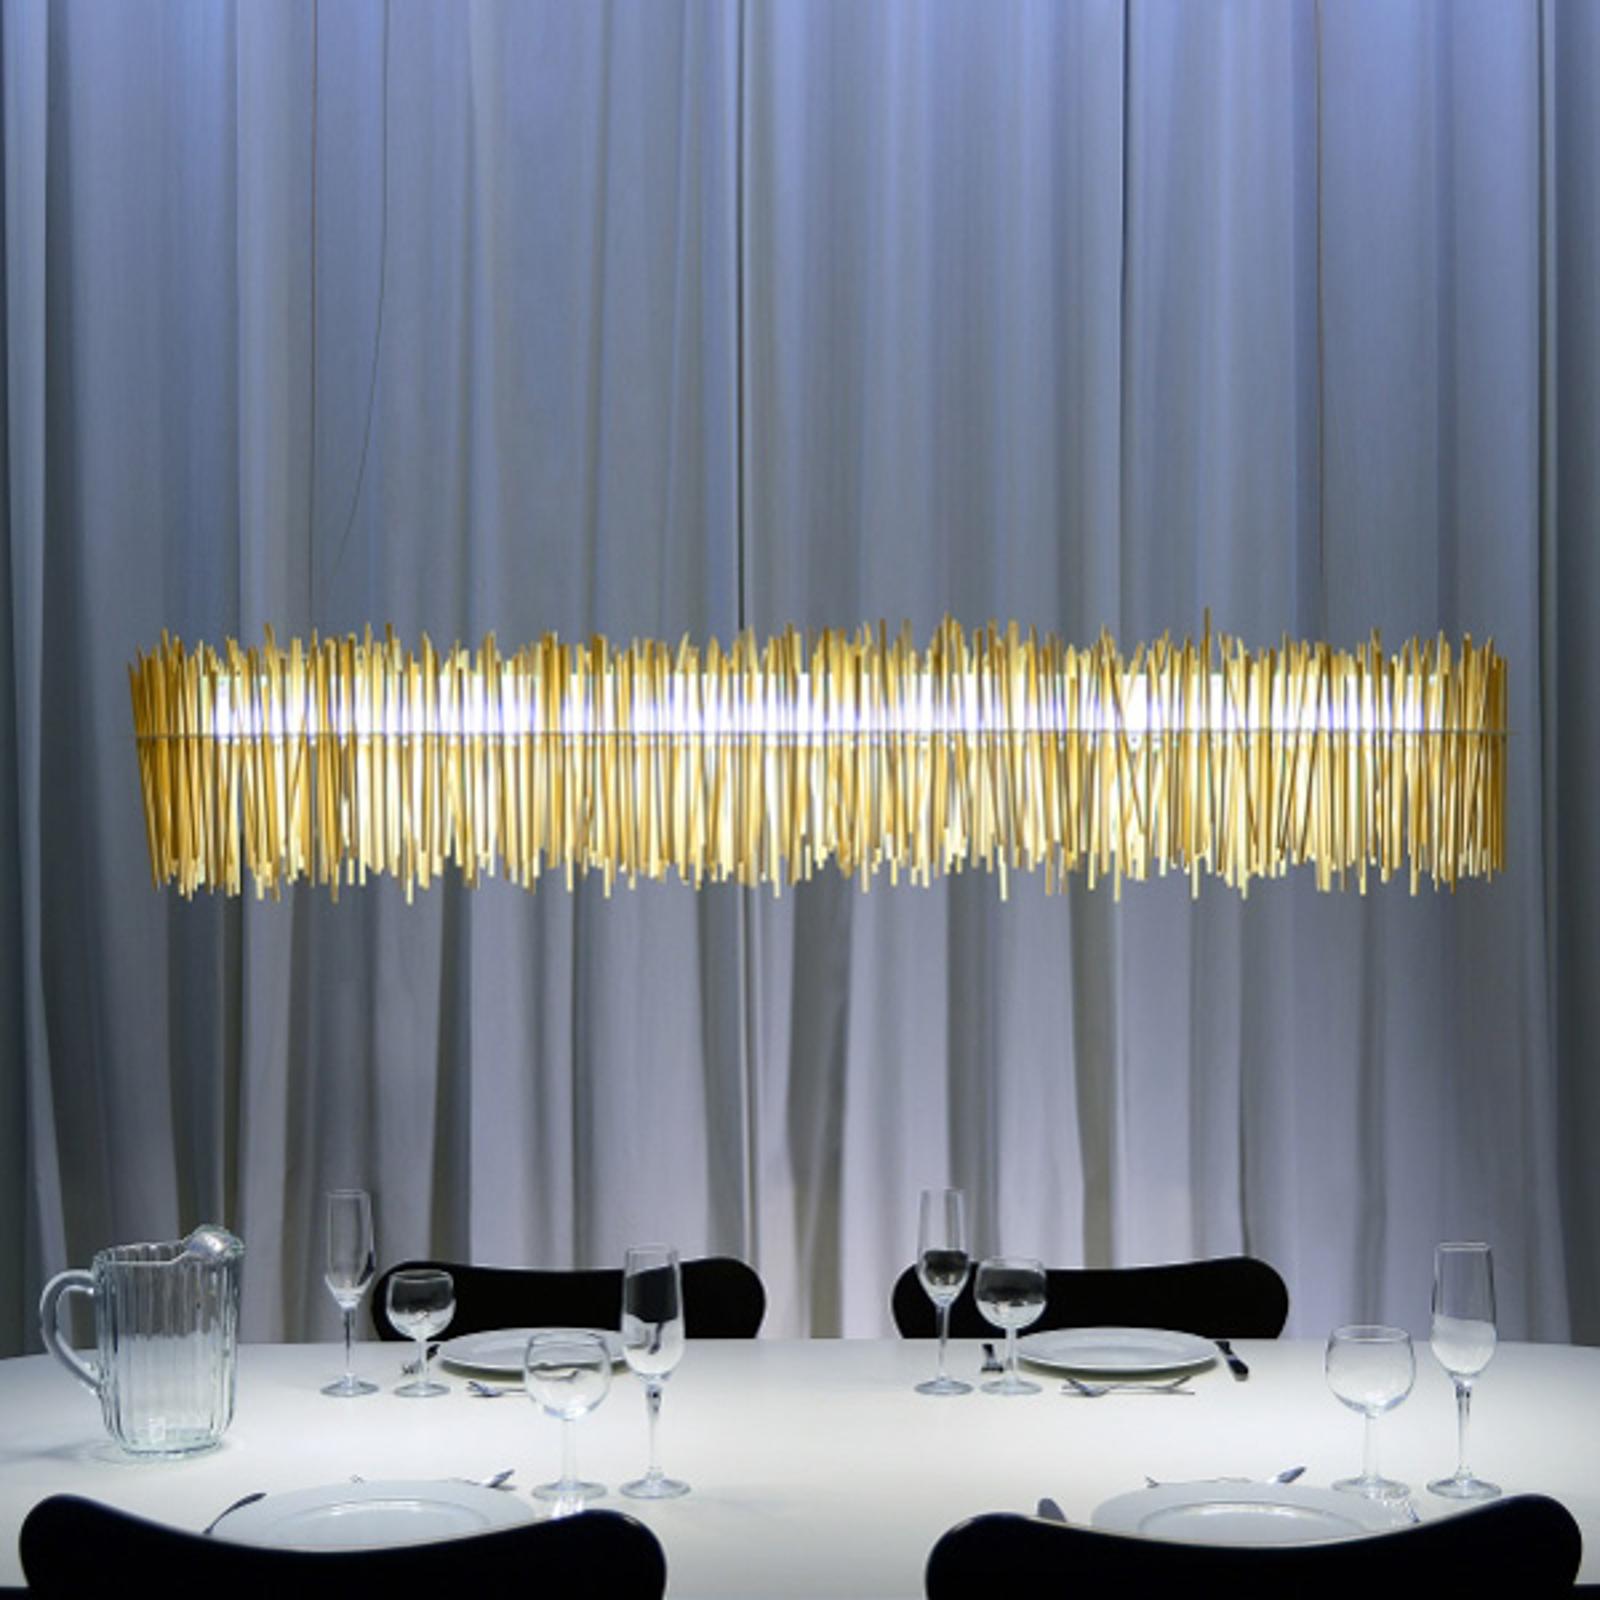 Hayashi LED-hængelampe, fremstillet af spisepinde